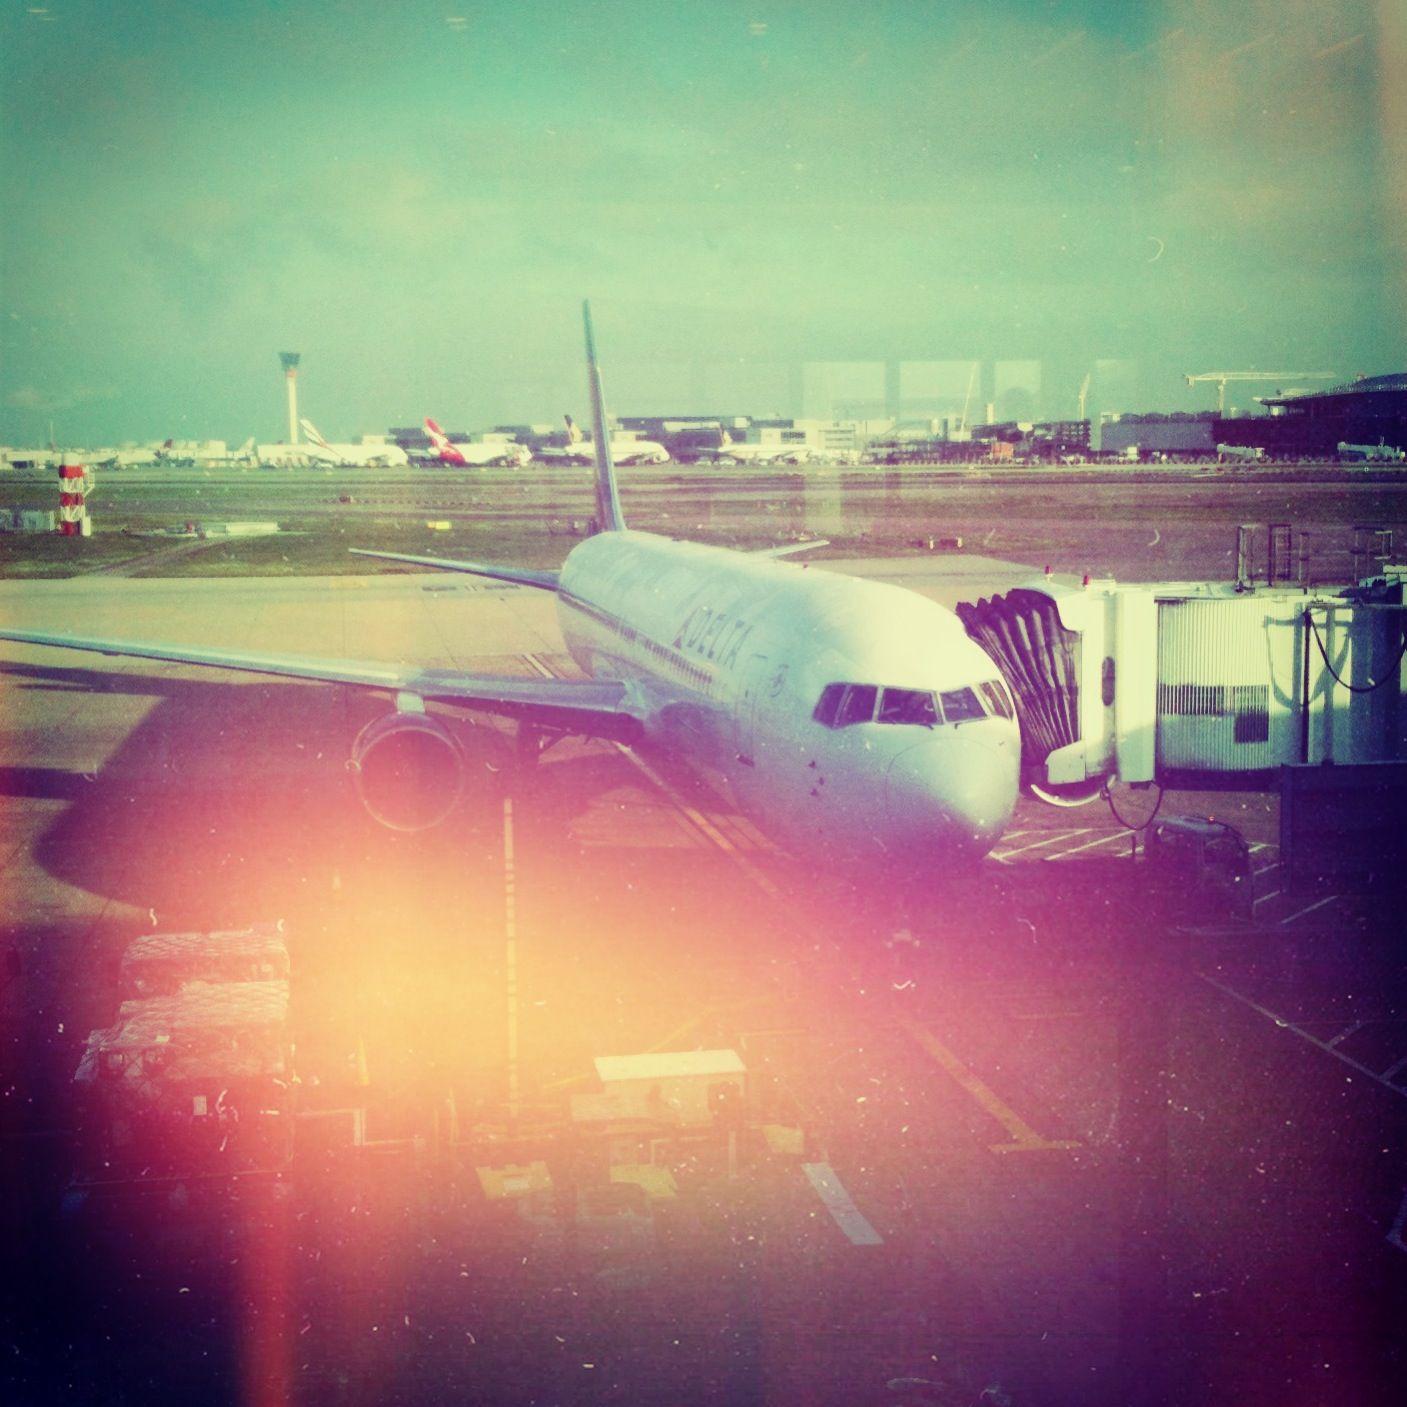 London Heathrow